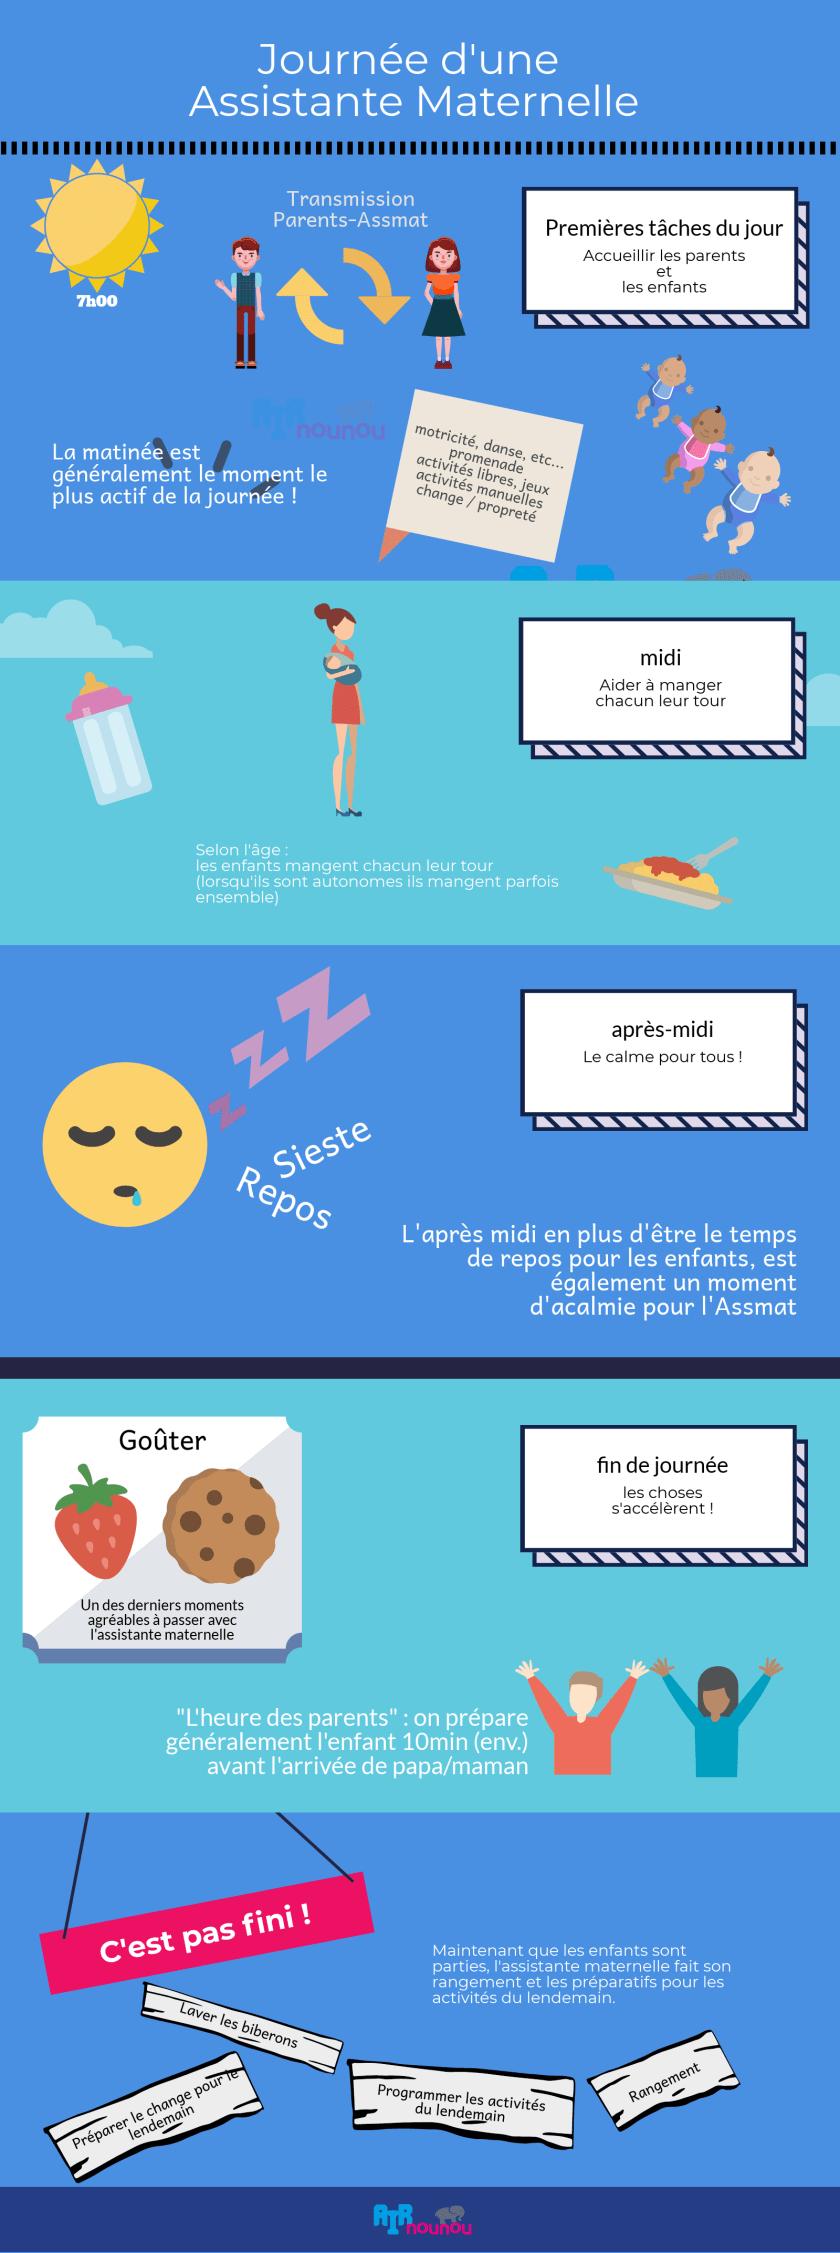 infographie journée de l'assistante maternelle